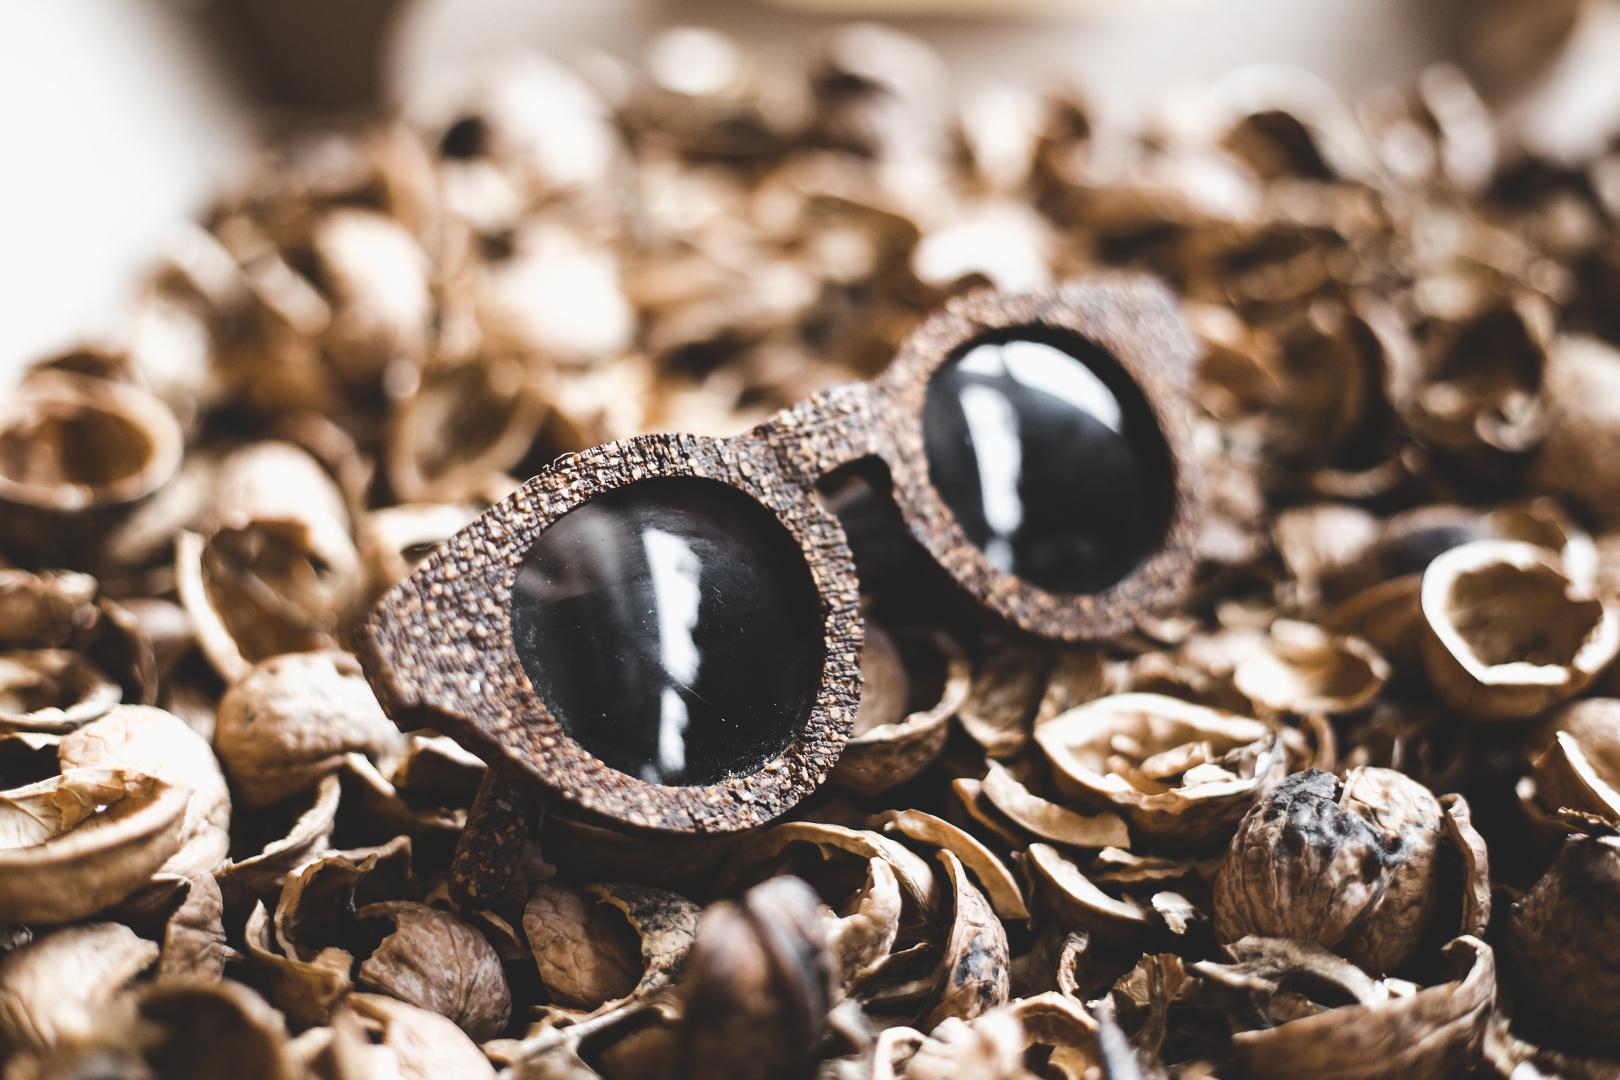 Obroučky brýlí jsou vyrobené z rozemletých skořápek vlašských ořechů, rozložitelného pojiva a 3d tisknutého PLA plastu. Díky tomu jsou odbouratelné a neškodí životnímu prostředí.